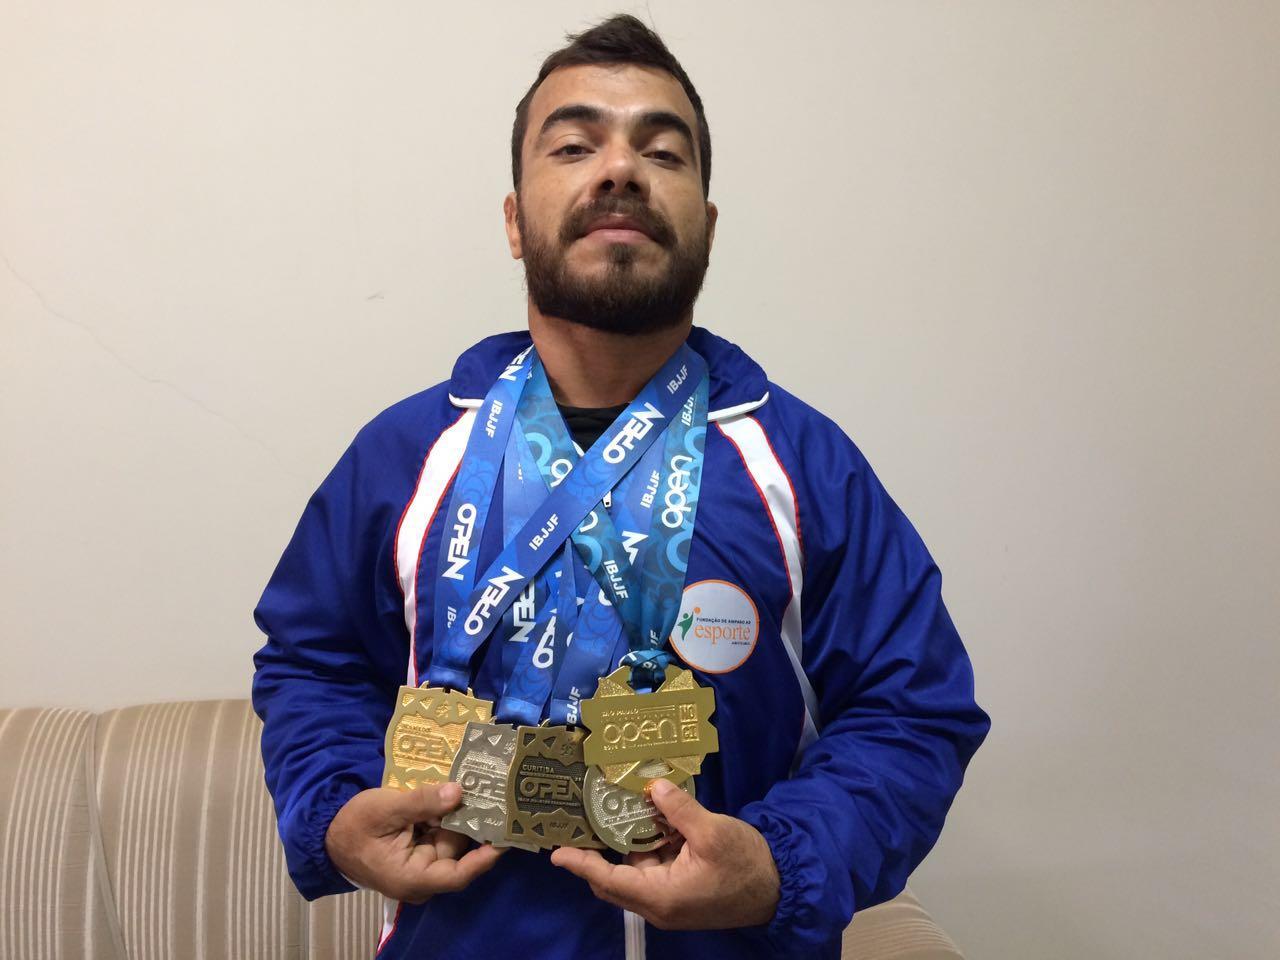 Eduardo Martins, conhecido como Cabeça, ganhou várias medalhas no Jiu Jitsu (FOTO: Fábio Penariol/Jornal 101)